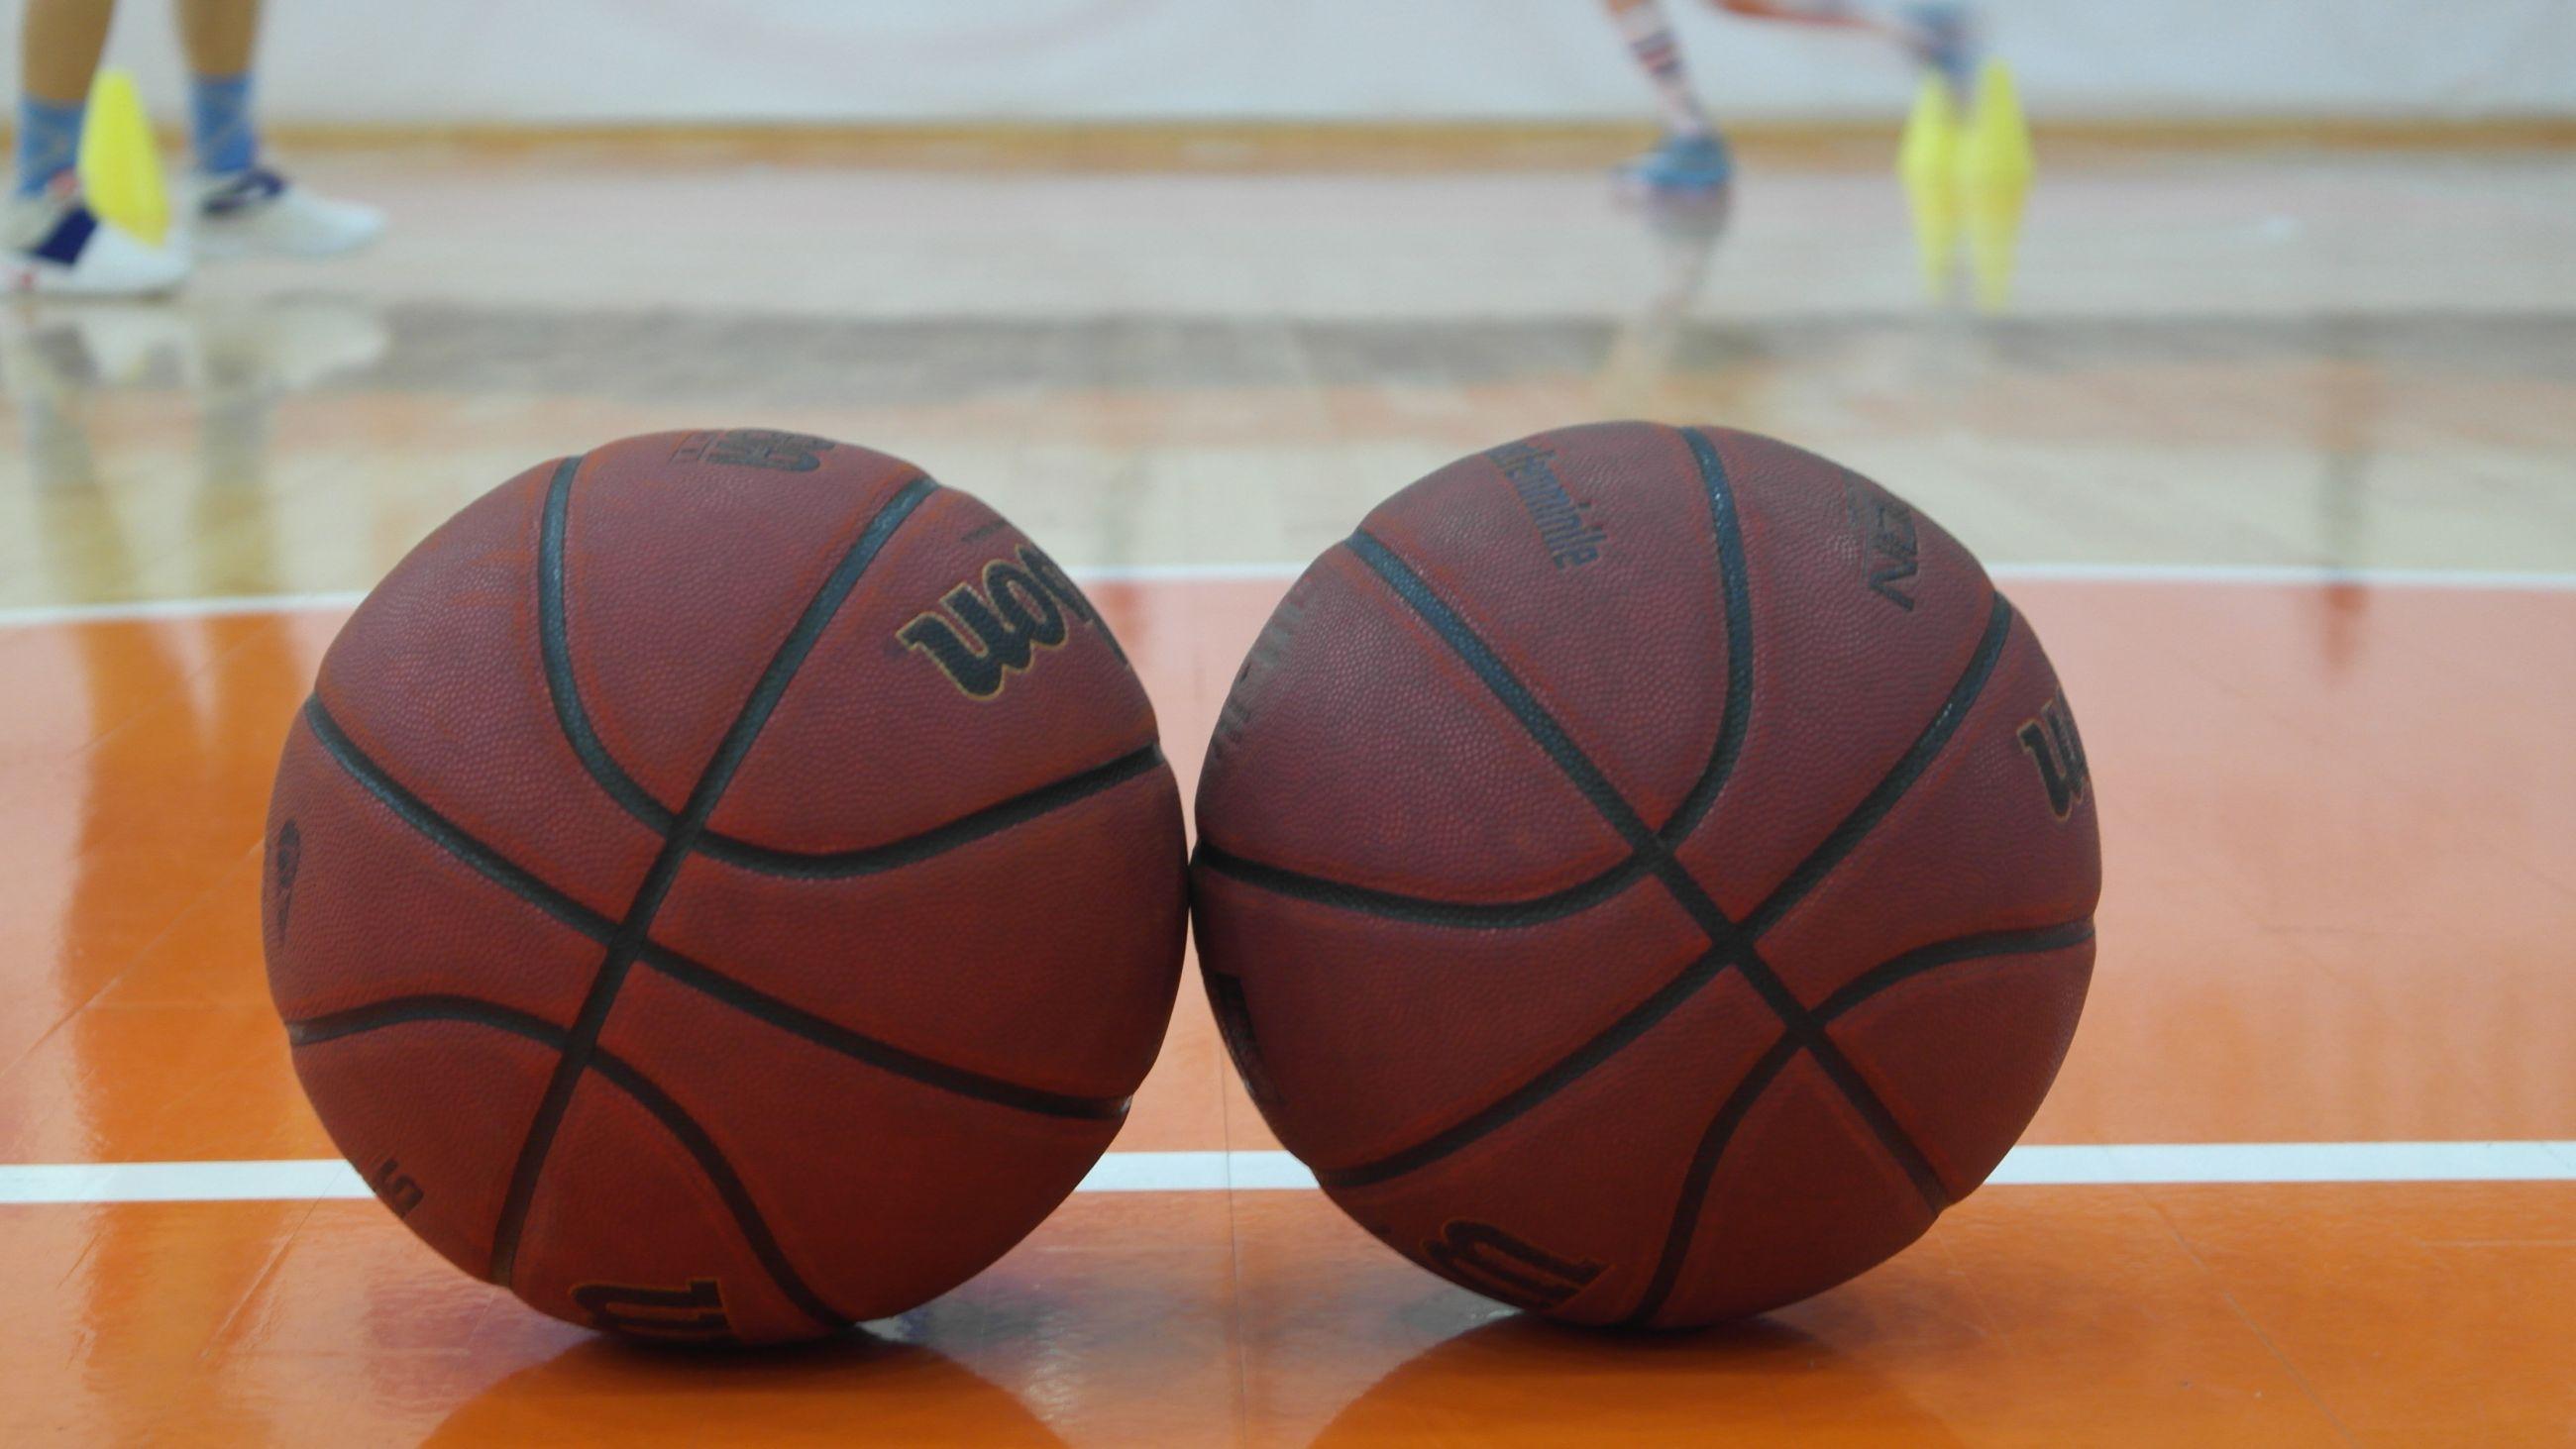 pallone - a1 - allenamento - lady